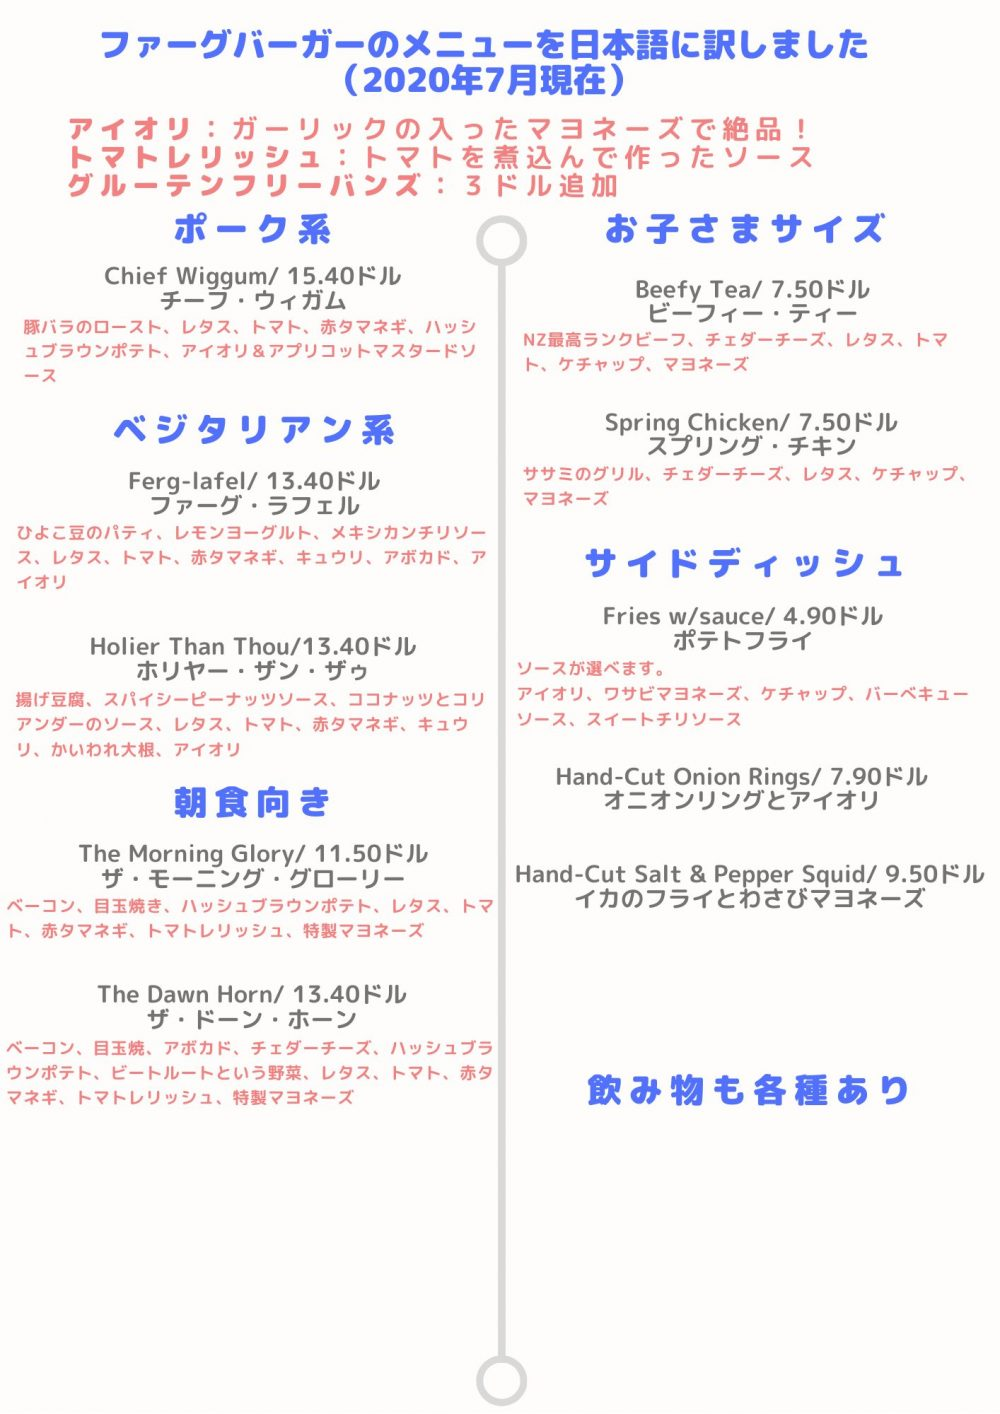 ファーグバーガーのメニュー日本語訳2ページ目